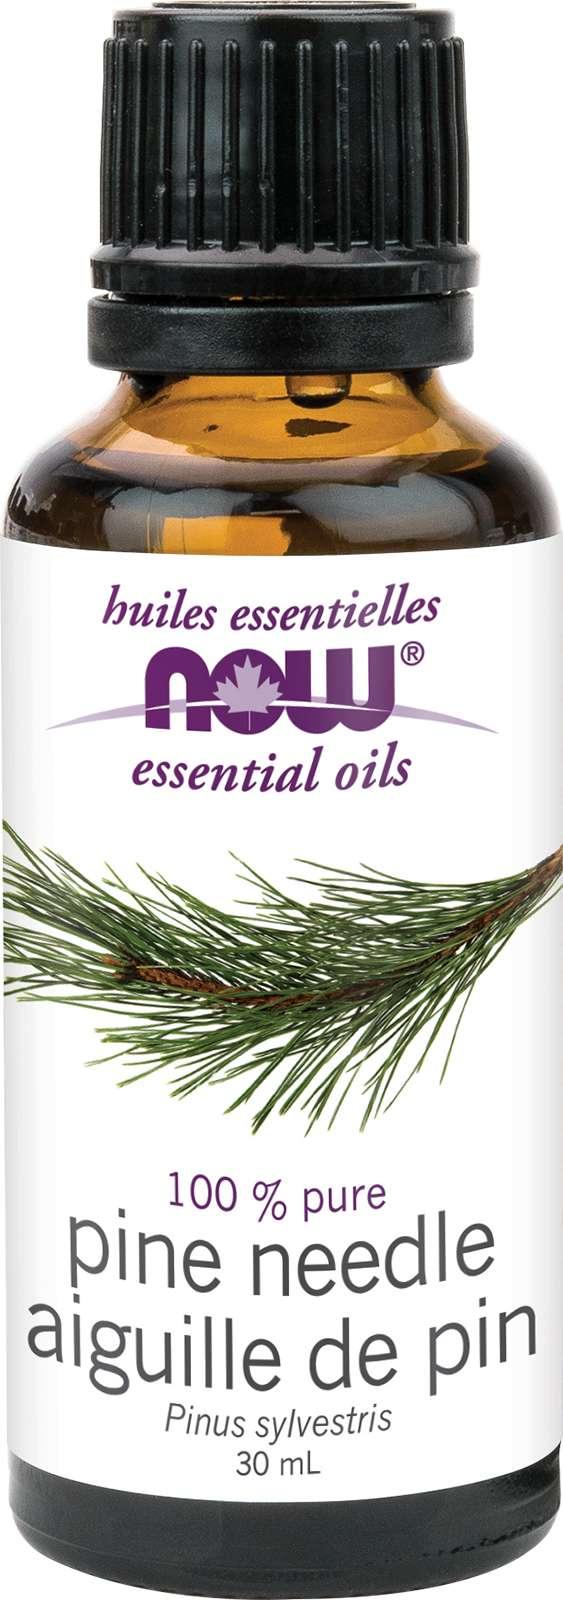 Pine Needle Oil (Pinus sylvestris) 30mL